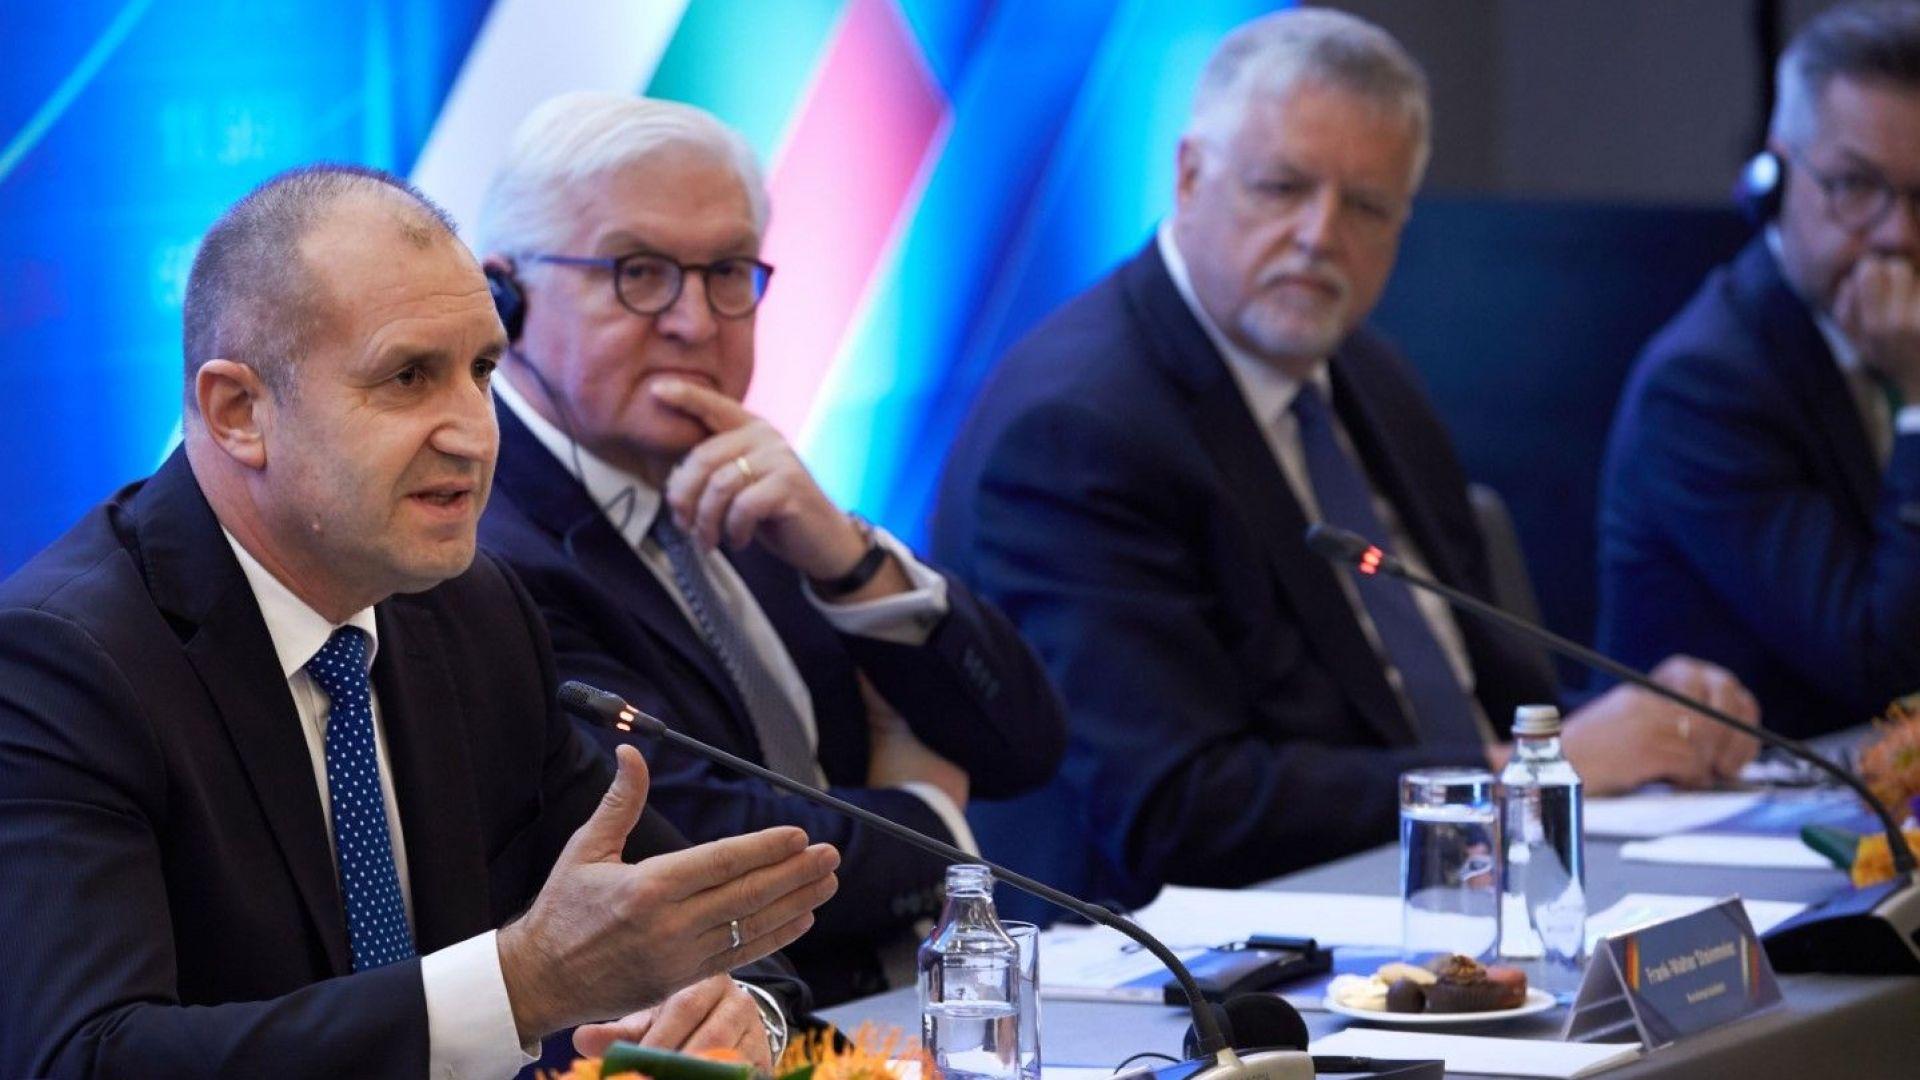 Радев към германския бизнес: Не пропускайте своя шанс да инвестирате в България